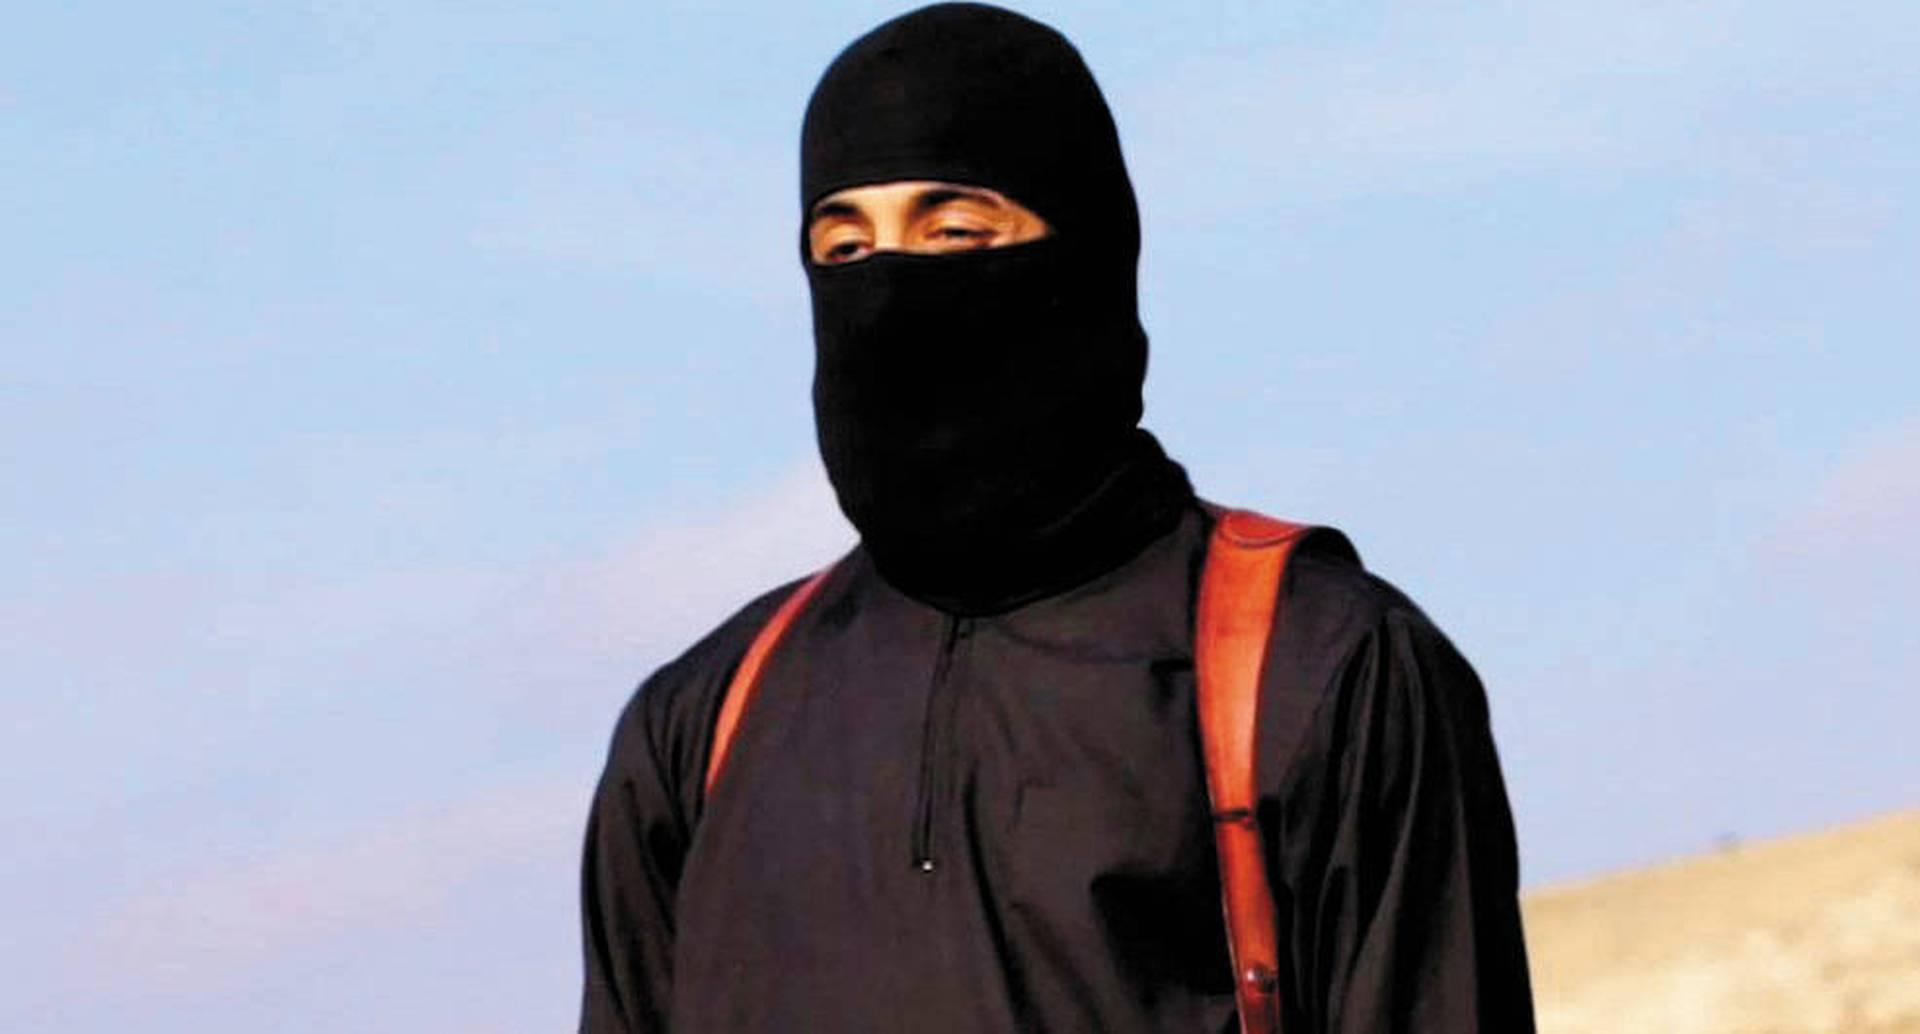 Grupo terrorista Al Qaeda